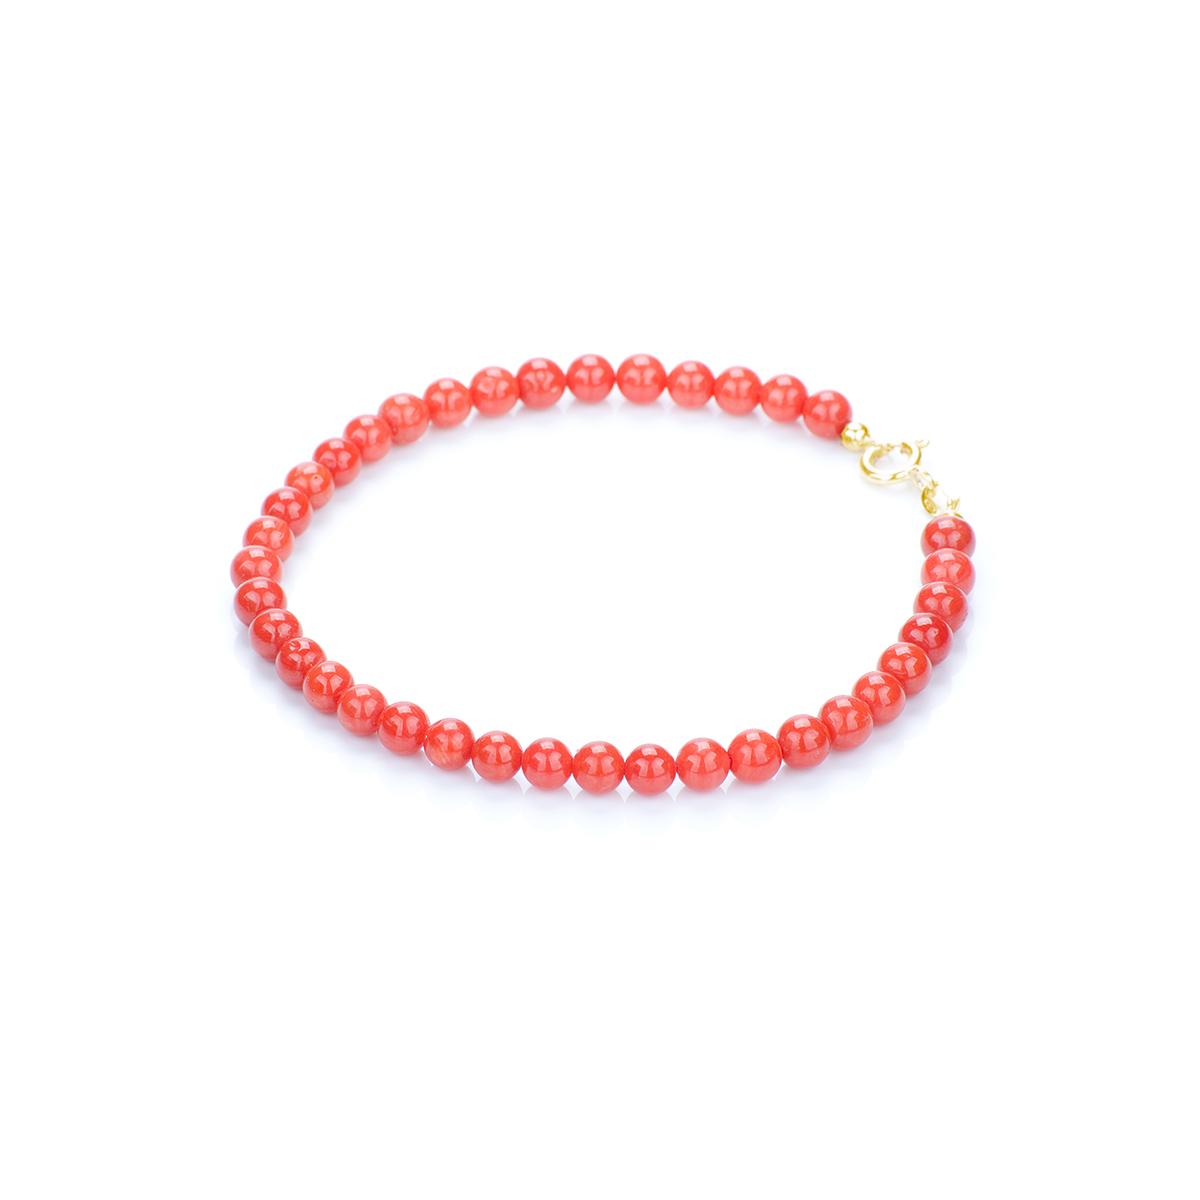 codice promozionale f62b0 fec36 Bracciale Corallo Rosso a Pallini in Oro 18